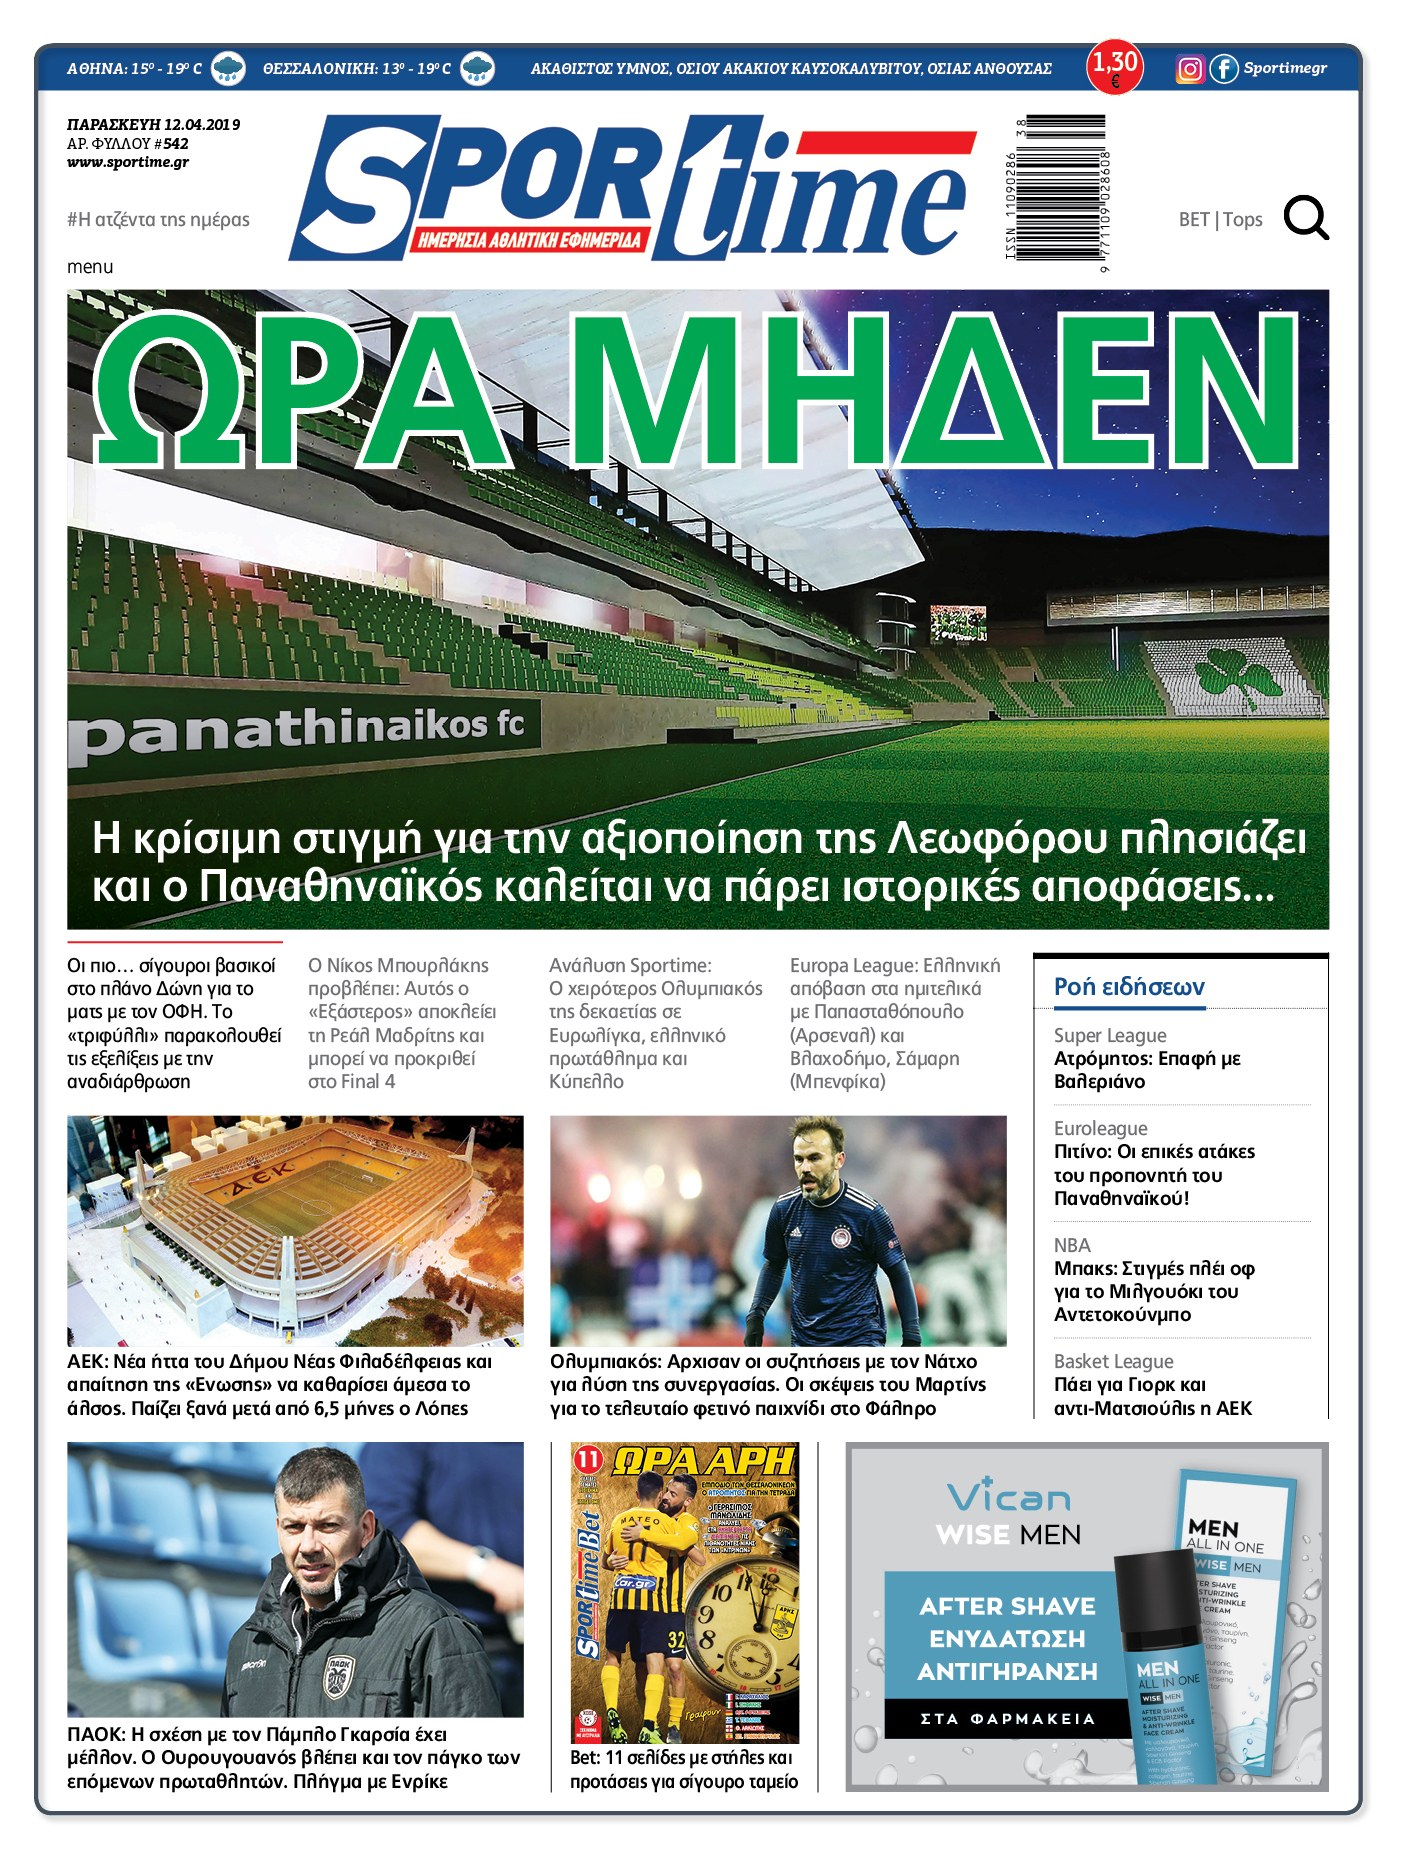 Εφημερίδα SPORTIME - Εξώφυλλο φύλλου 12/4/2019